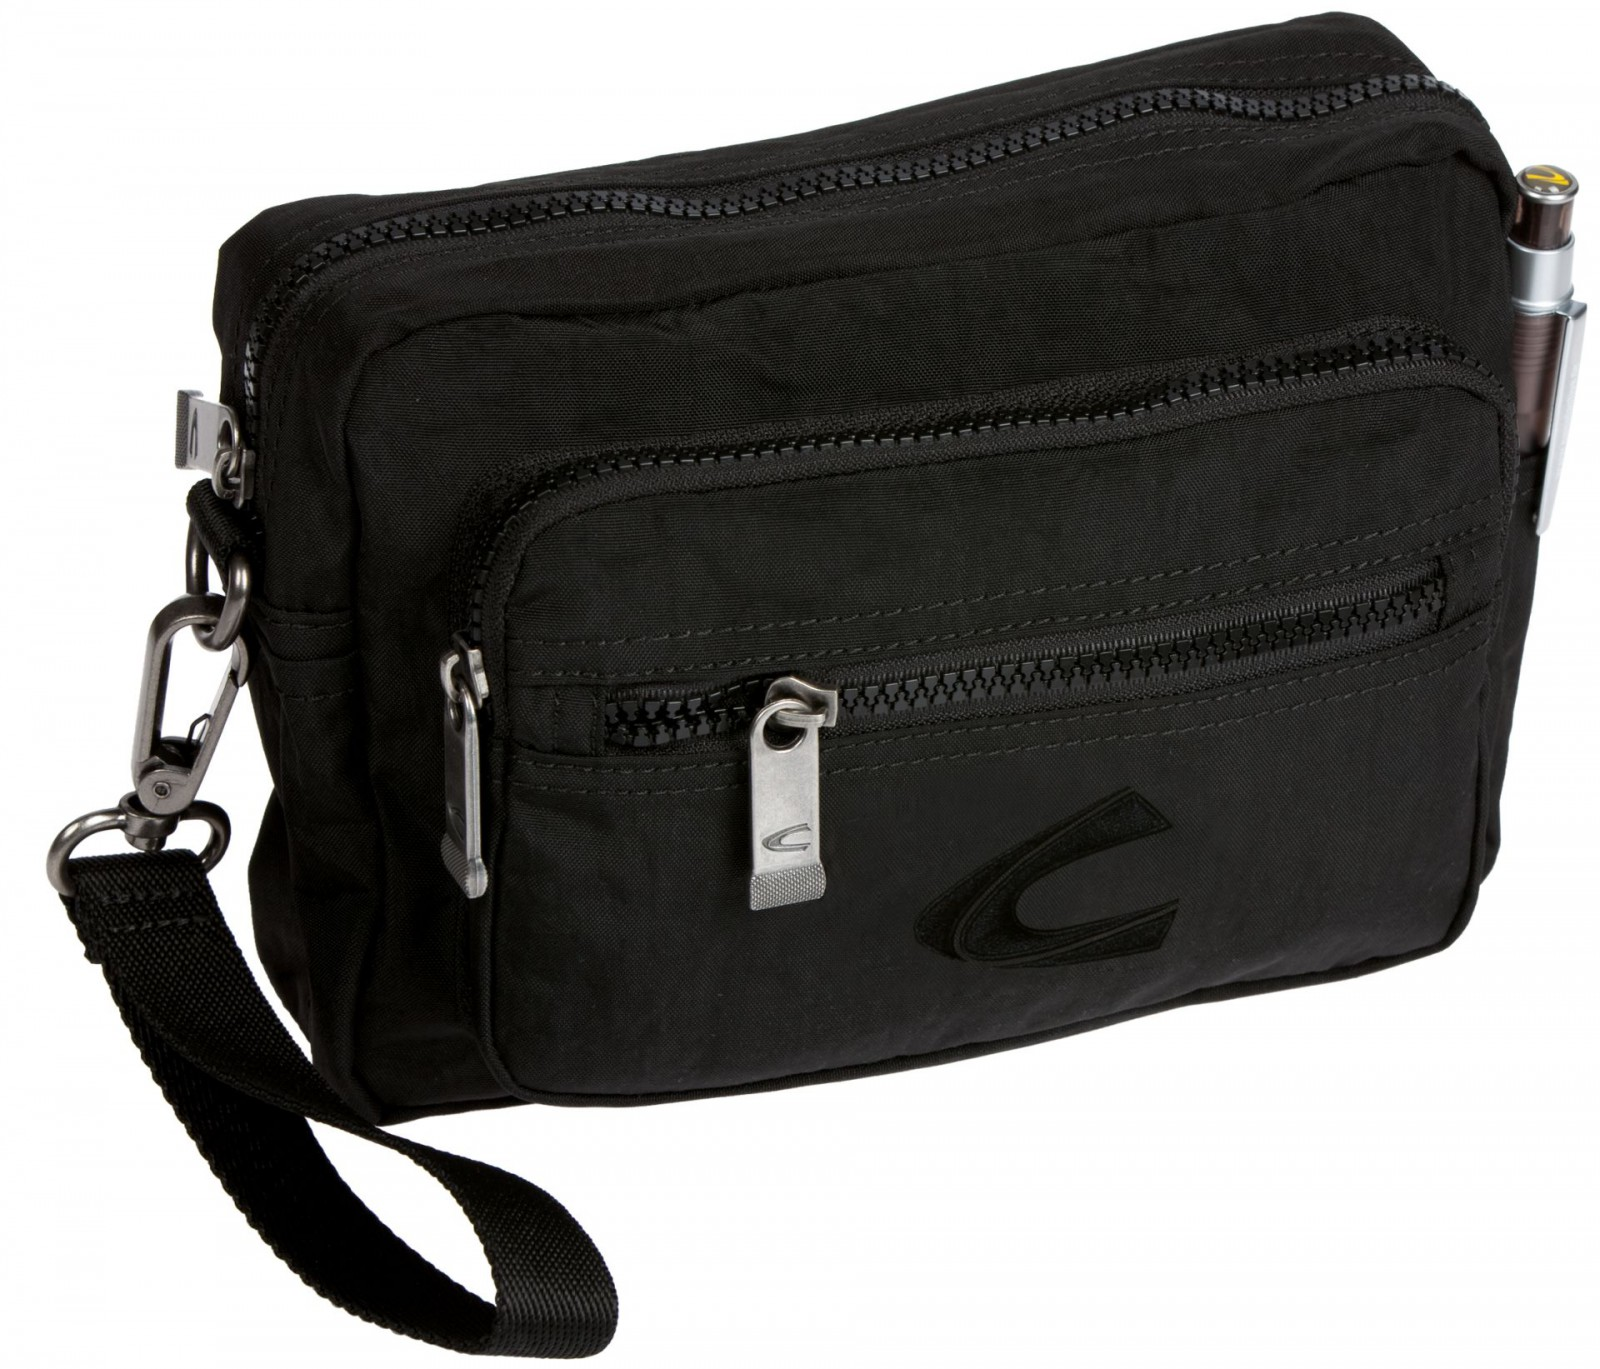 Camel Active Journey Multi Bag Black